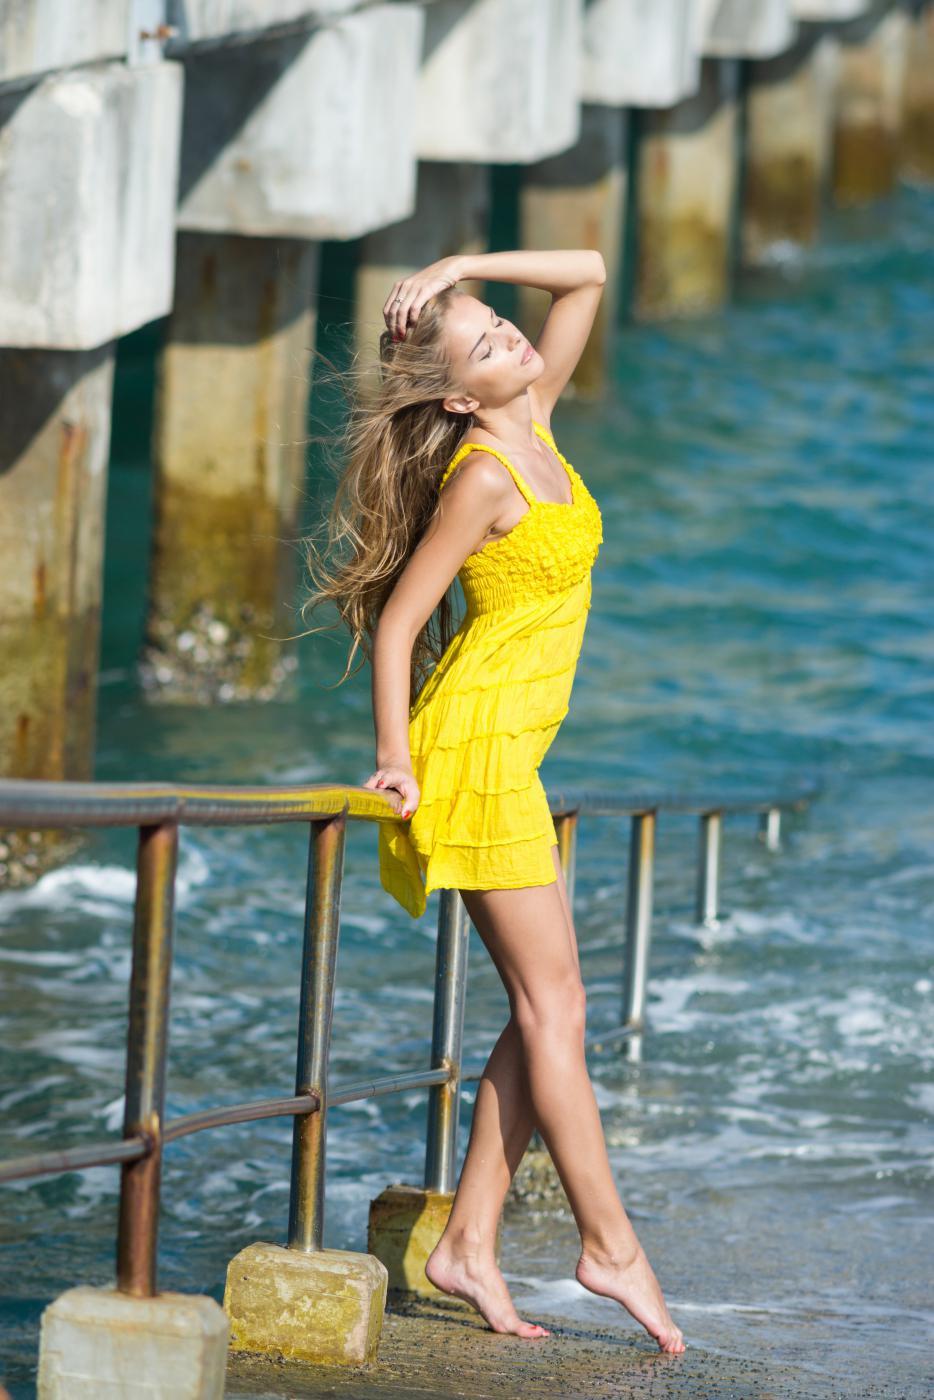 Дерзкая красотка Lizel A теряет желтое платье и открывает похотливые сиськи  и чисто бритую вагину